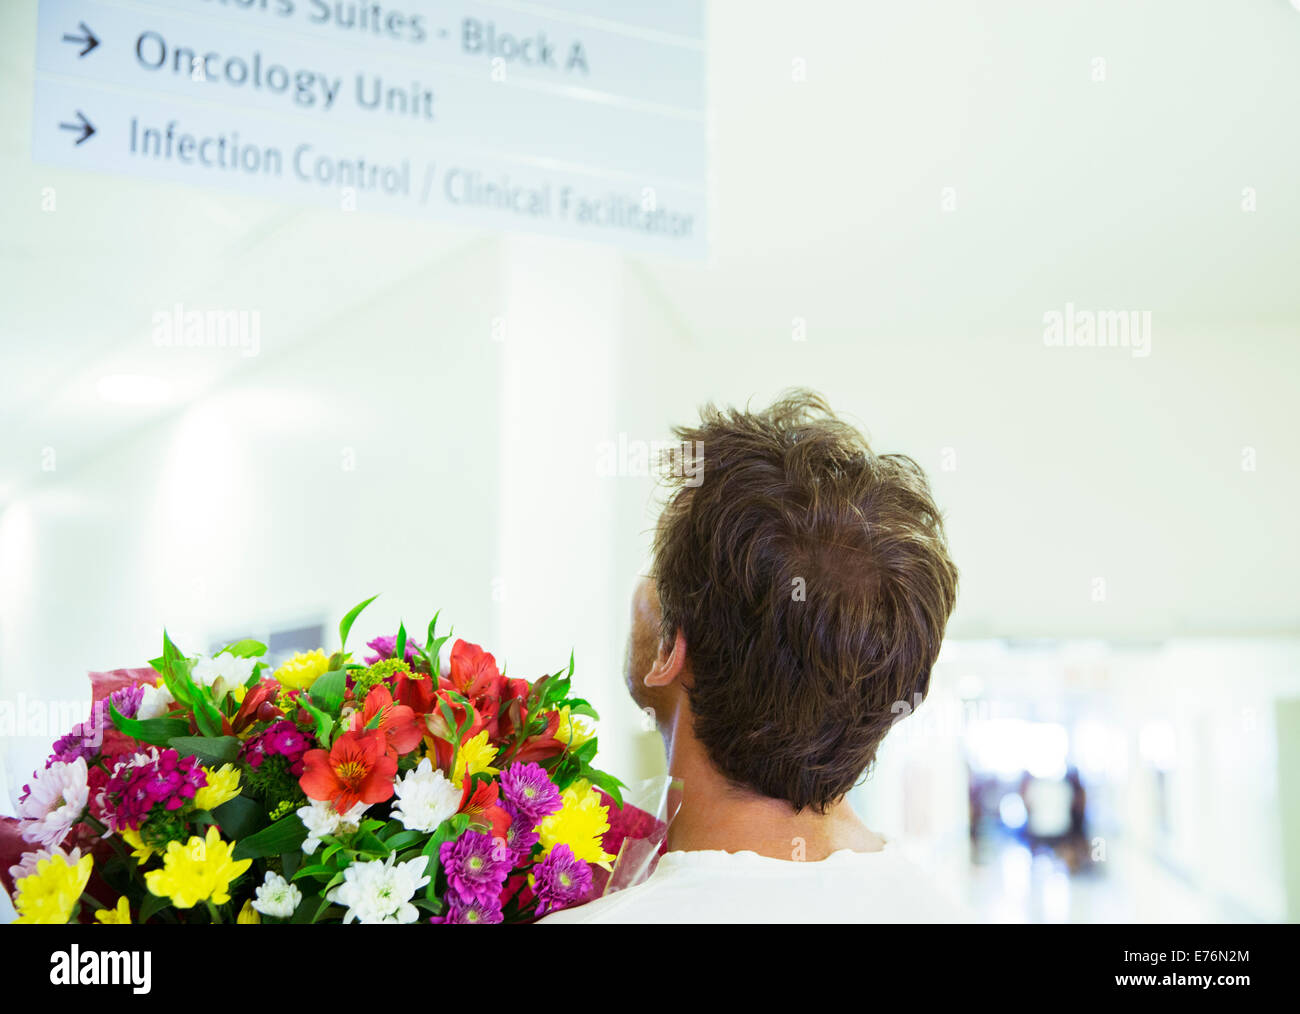 Homme portant un bouquet de fleurs à l'hôpital Banque D'Images